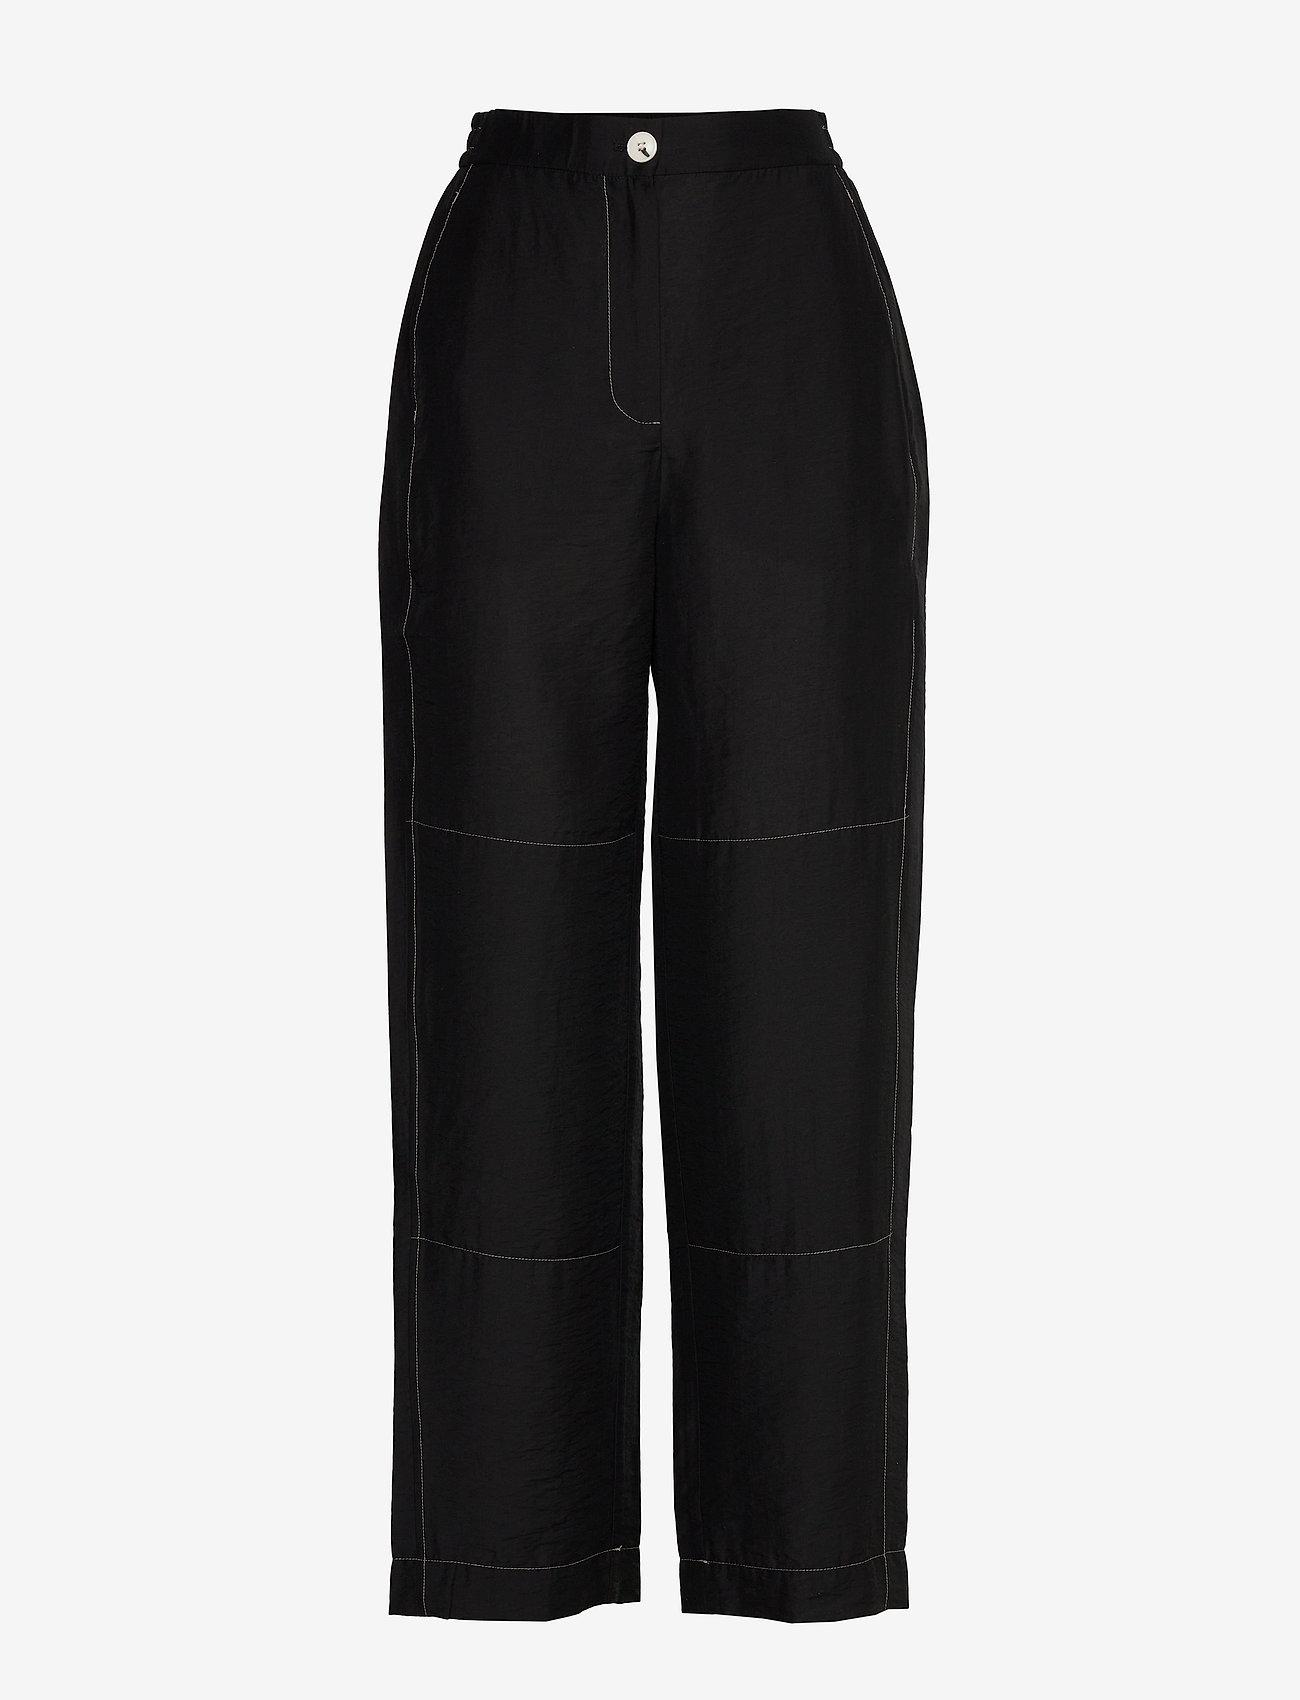 Wood Wood - Tilly trousers - bukser med brede ben - black - 0